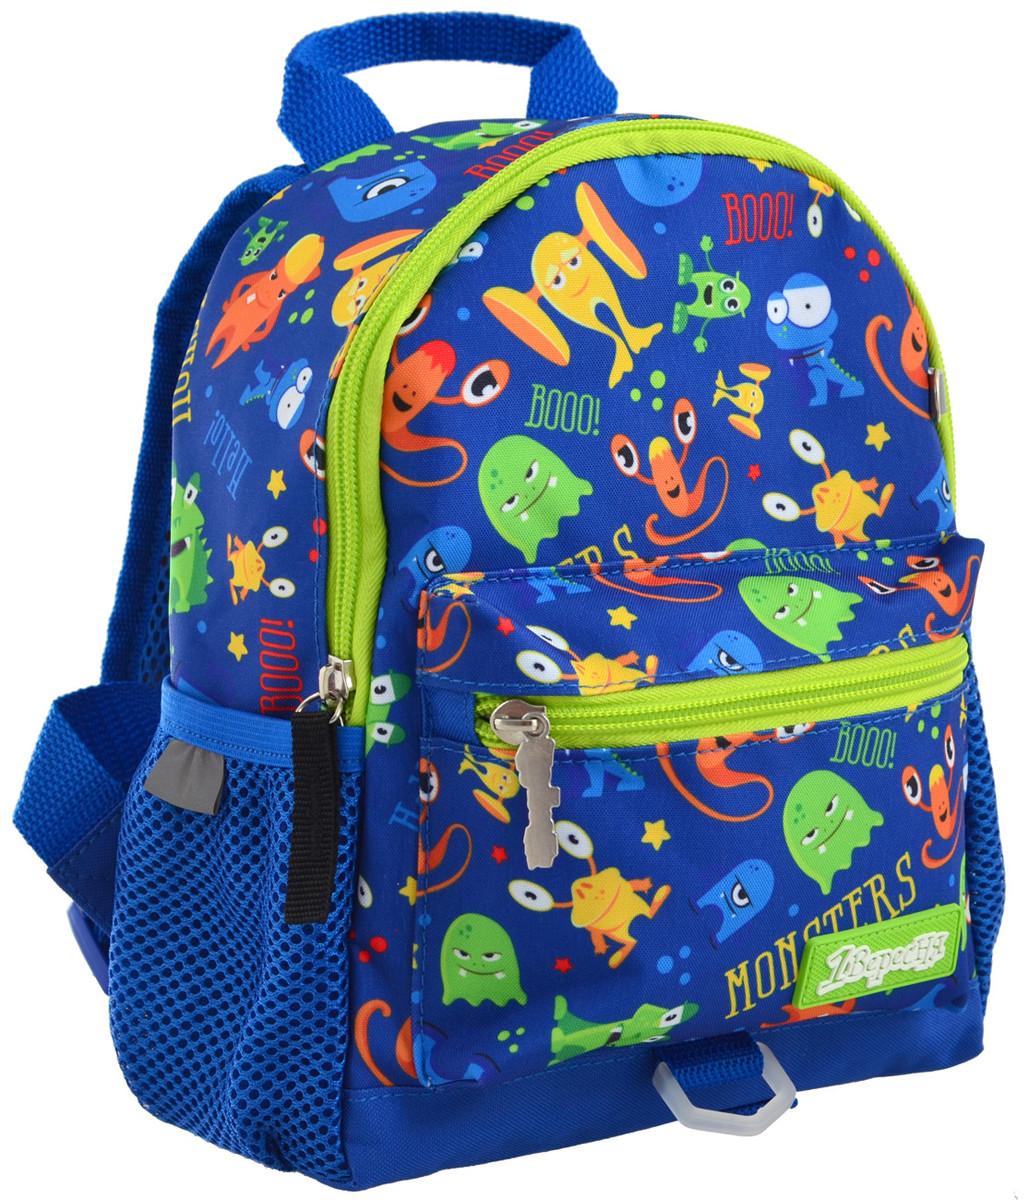 Рюкзак детский дошкольный 1 Вересня K-16 Monsters код: 556579